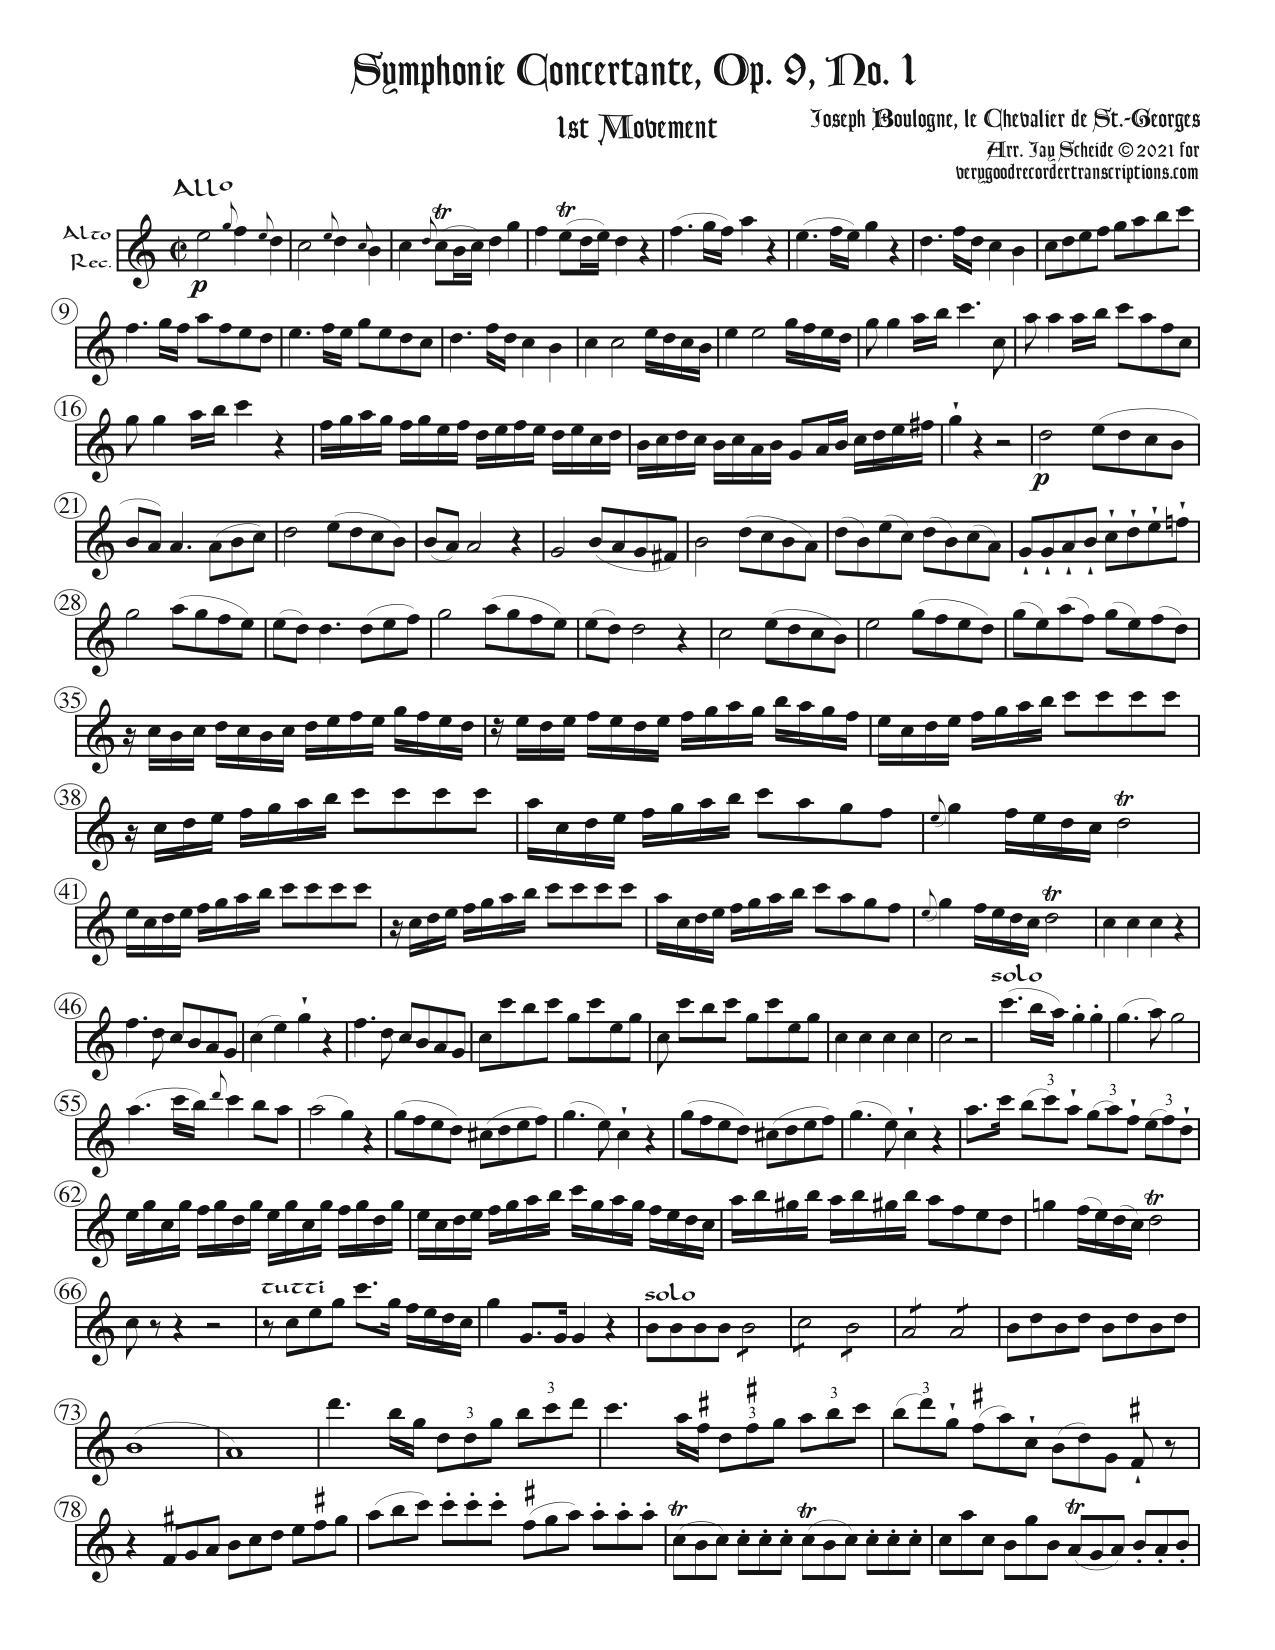 Symphonie Concertante, Op. 9, No. 1